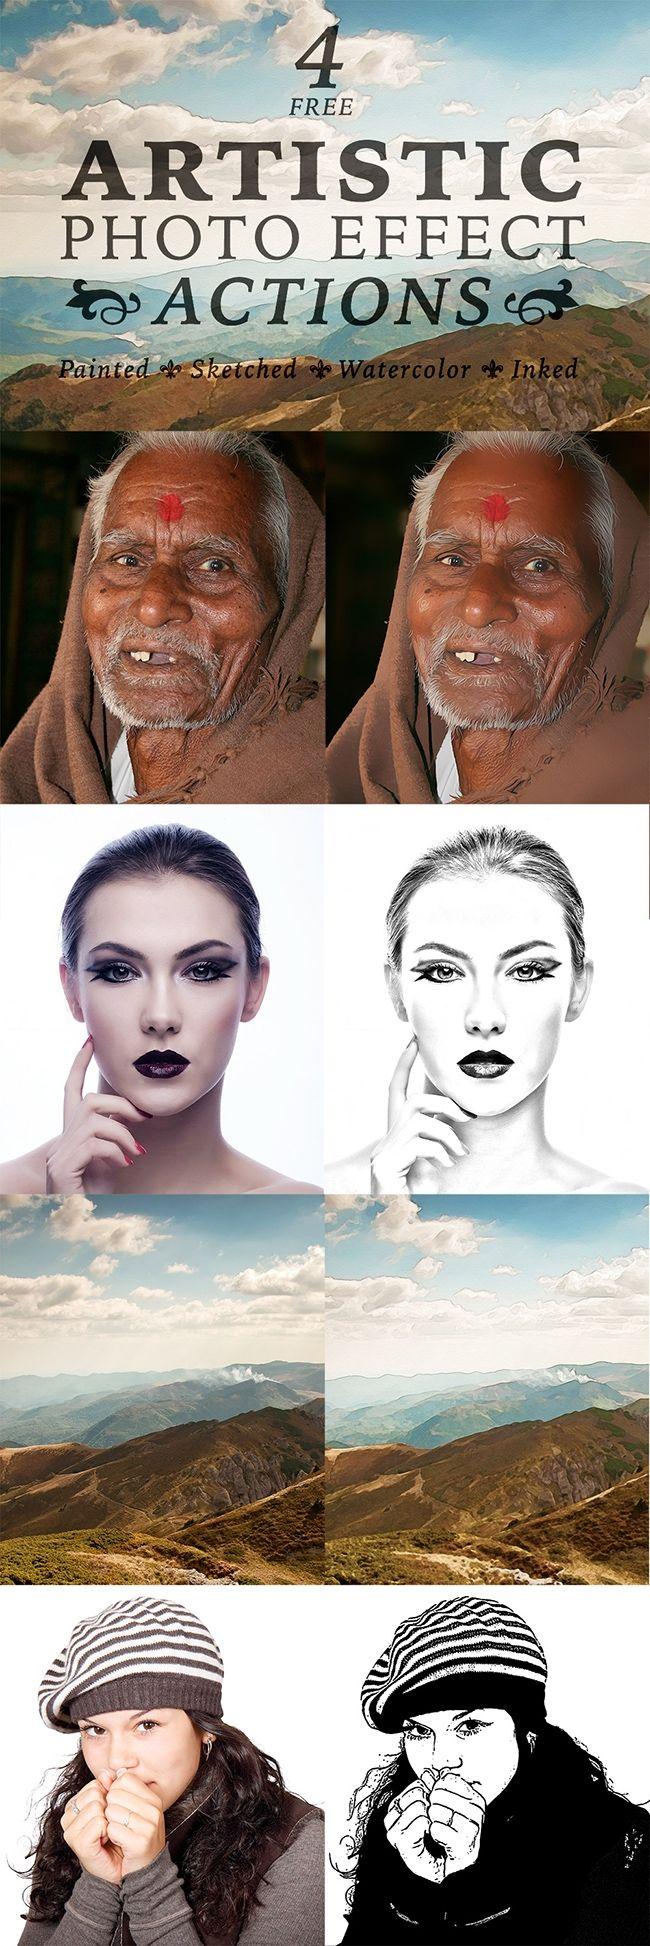 4 kostenlose & künstlerische Photoshop-Aktionen